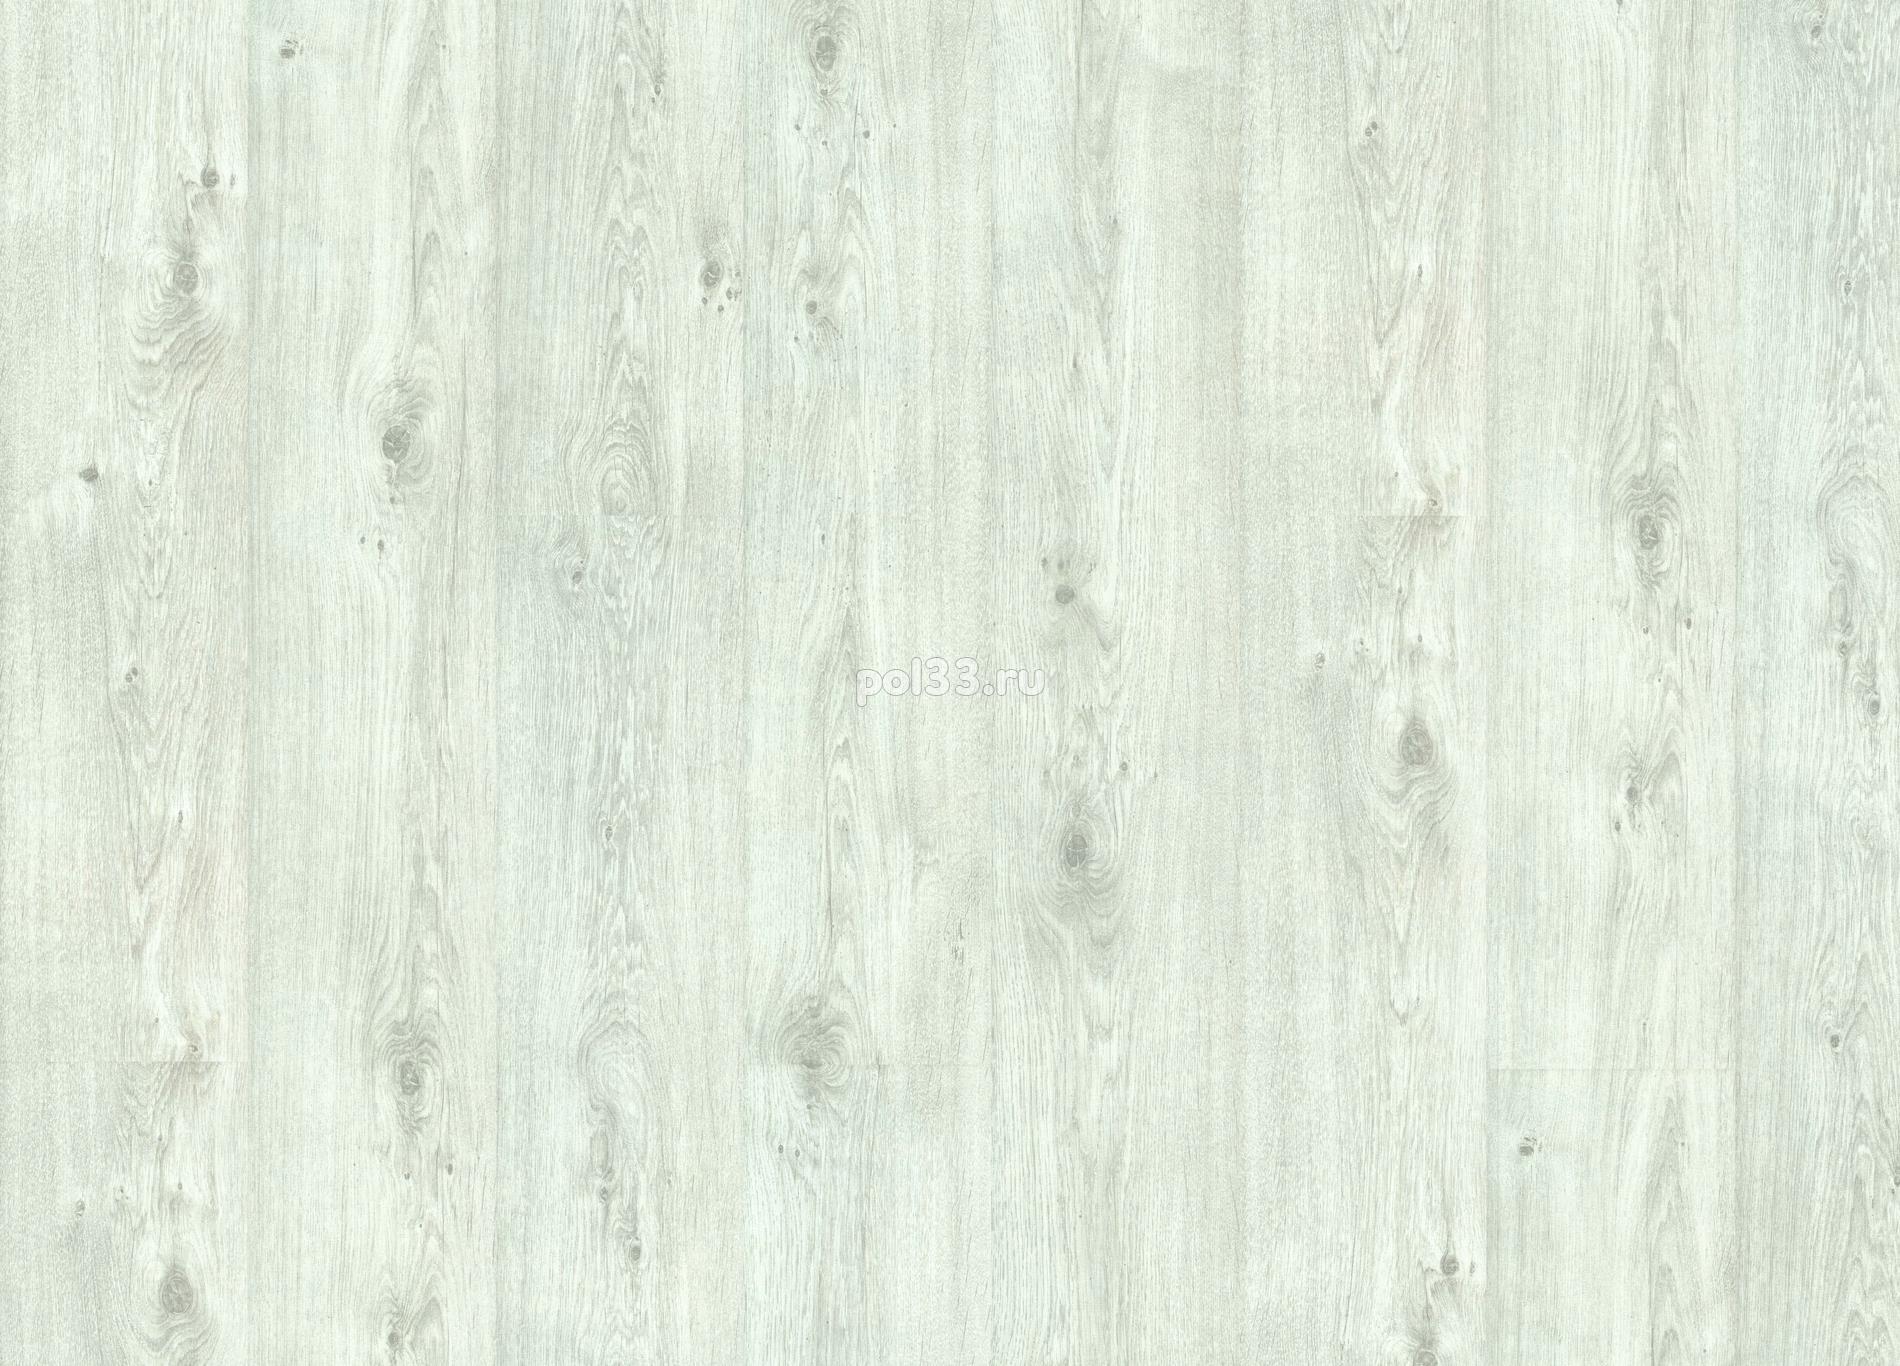 Ламинат Balterio коллекция Vitality Diplomat Дуб белый промасленный 619 -DK / DIP DK619 купить в Калуге по низкой цене